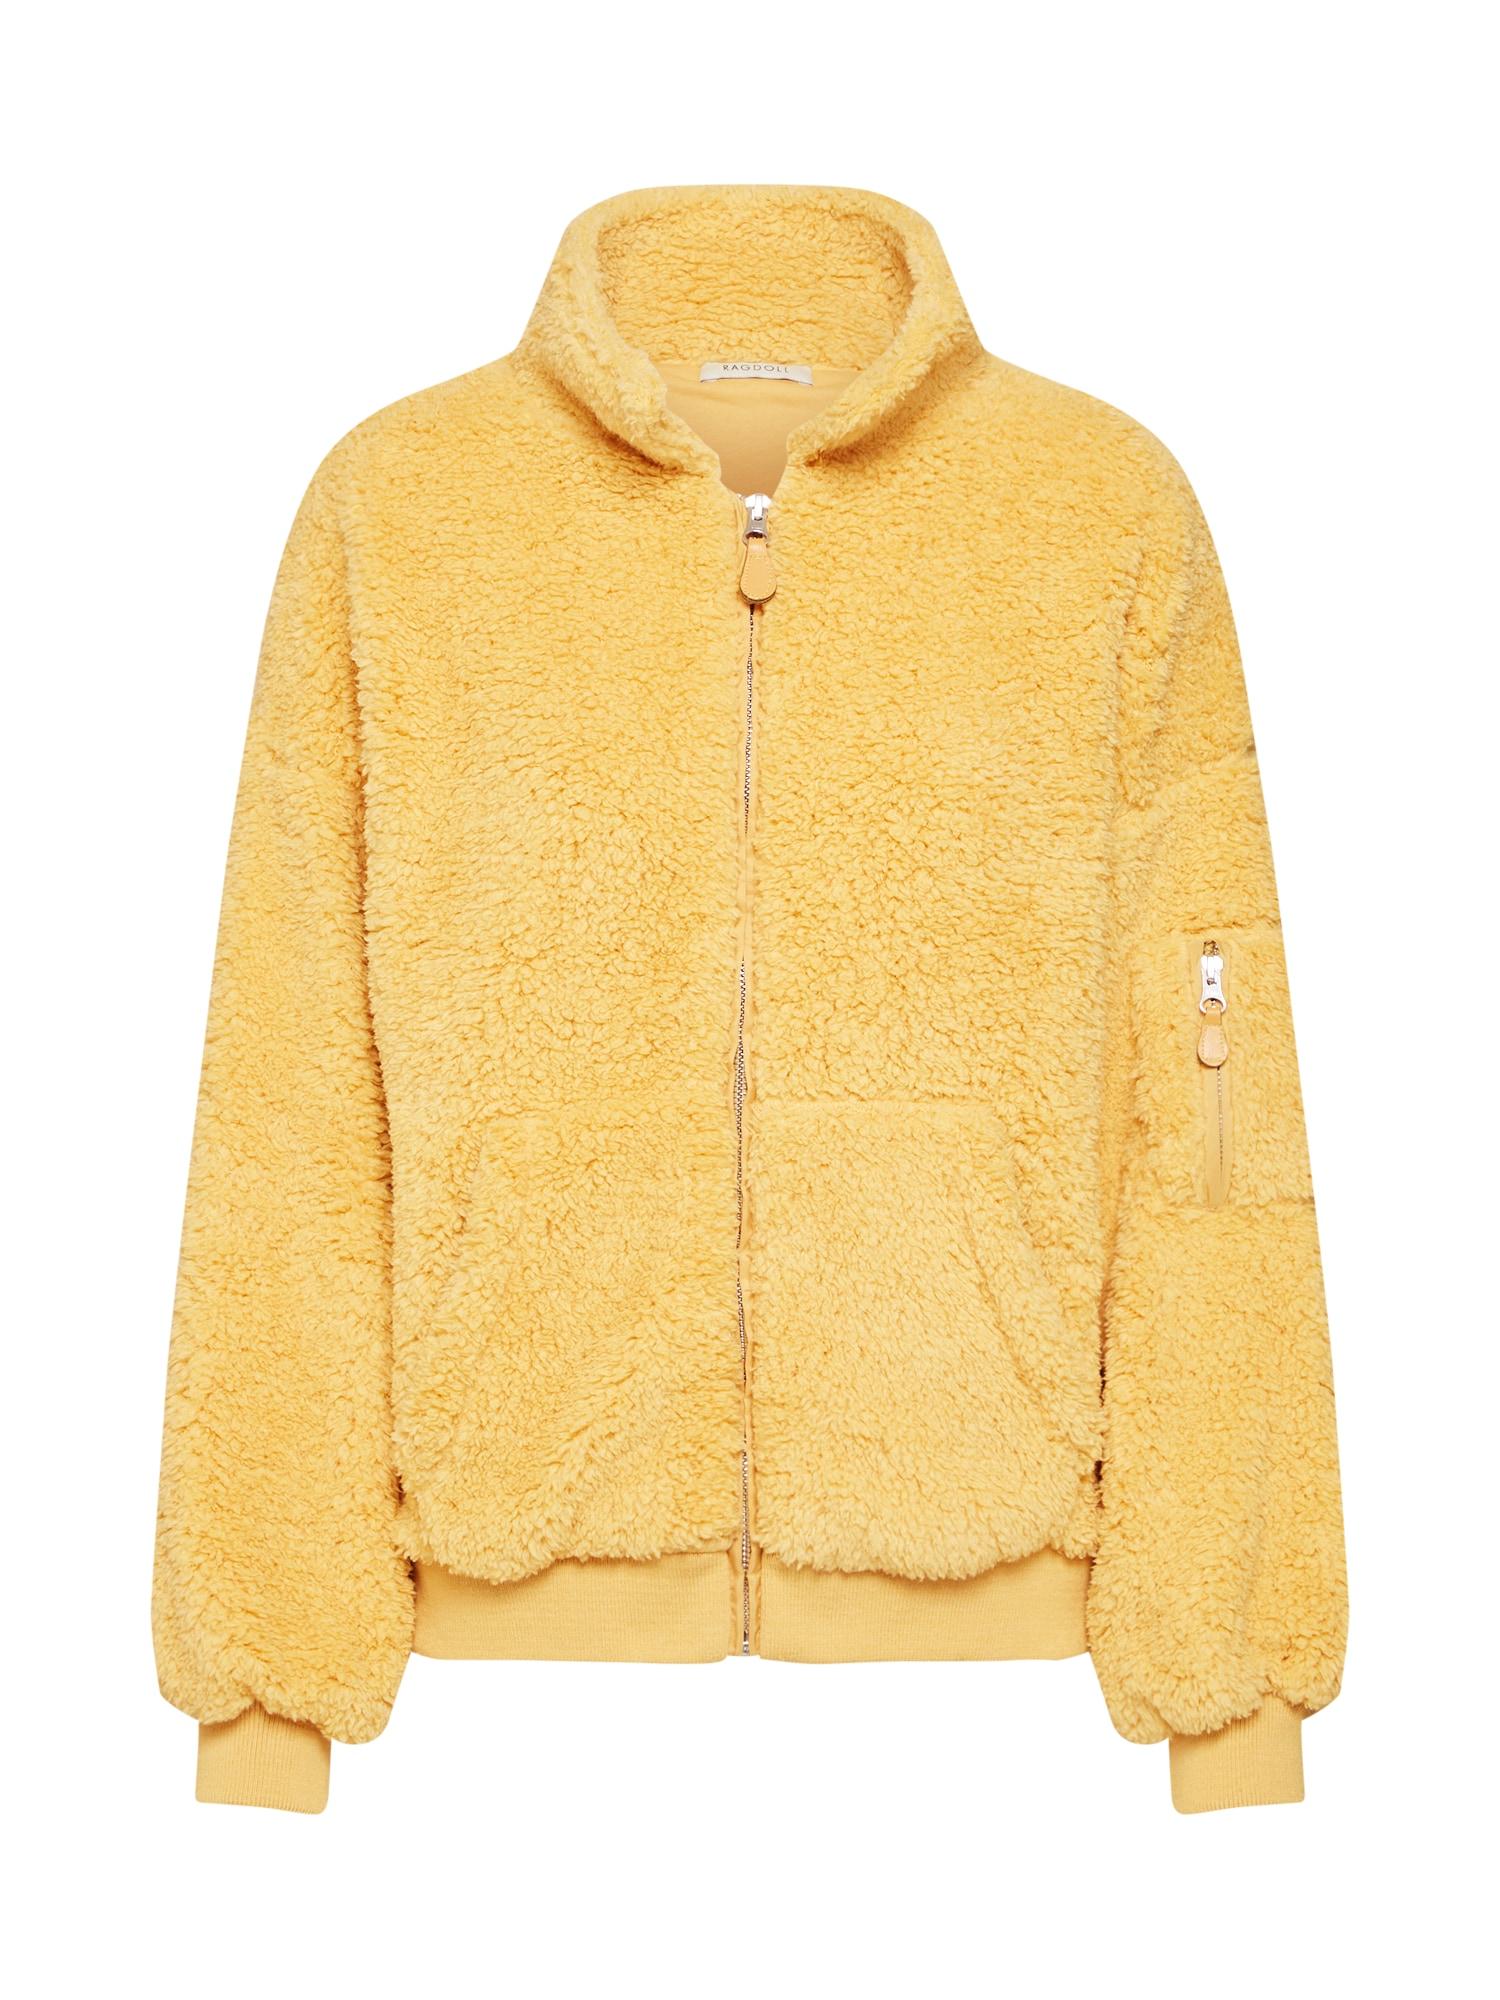 Přechodná bunda Teddy žlutá Ragdoll LA